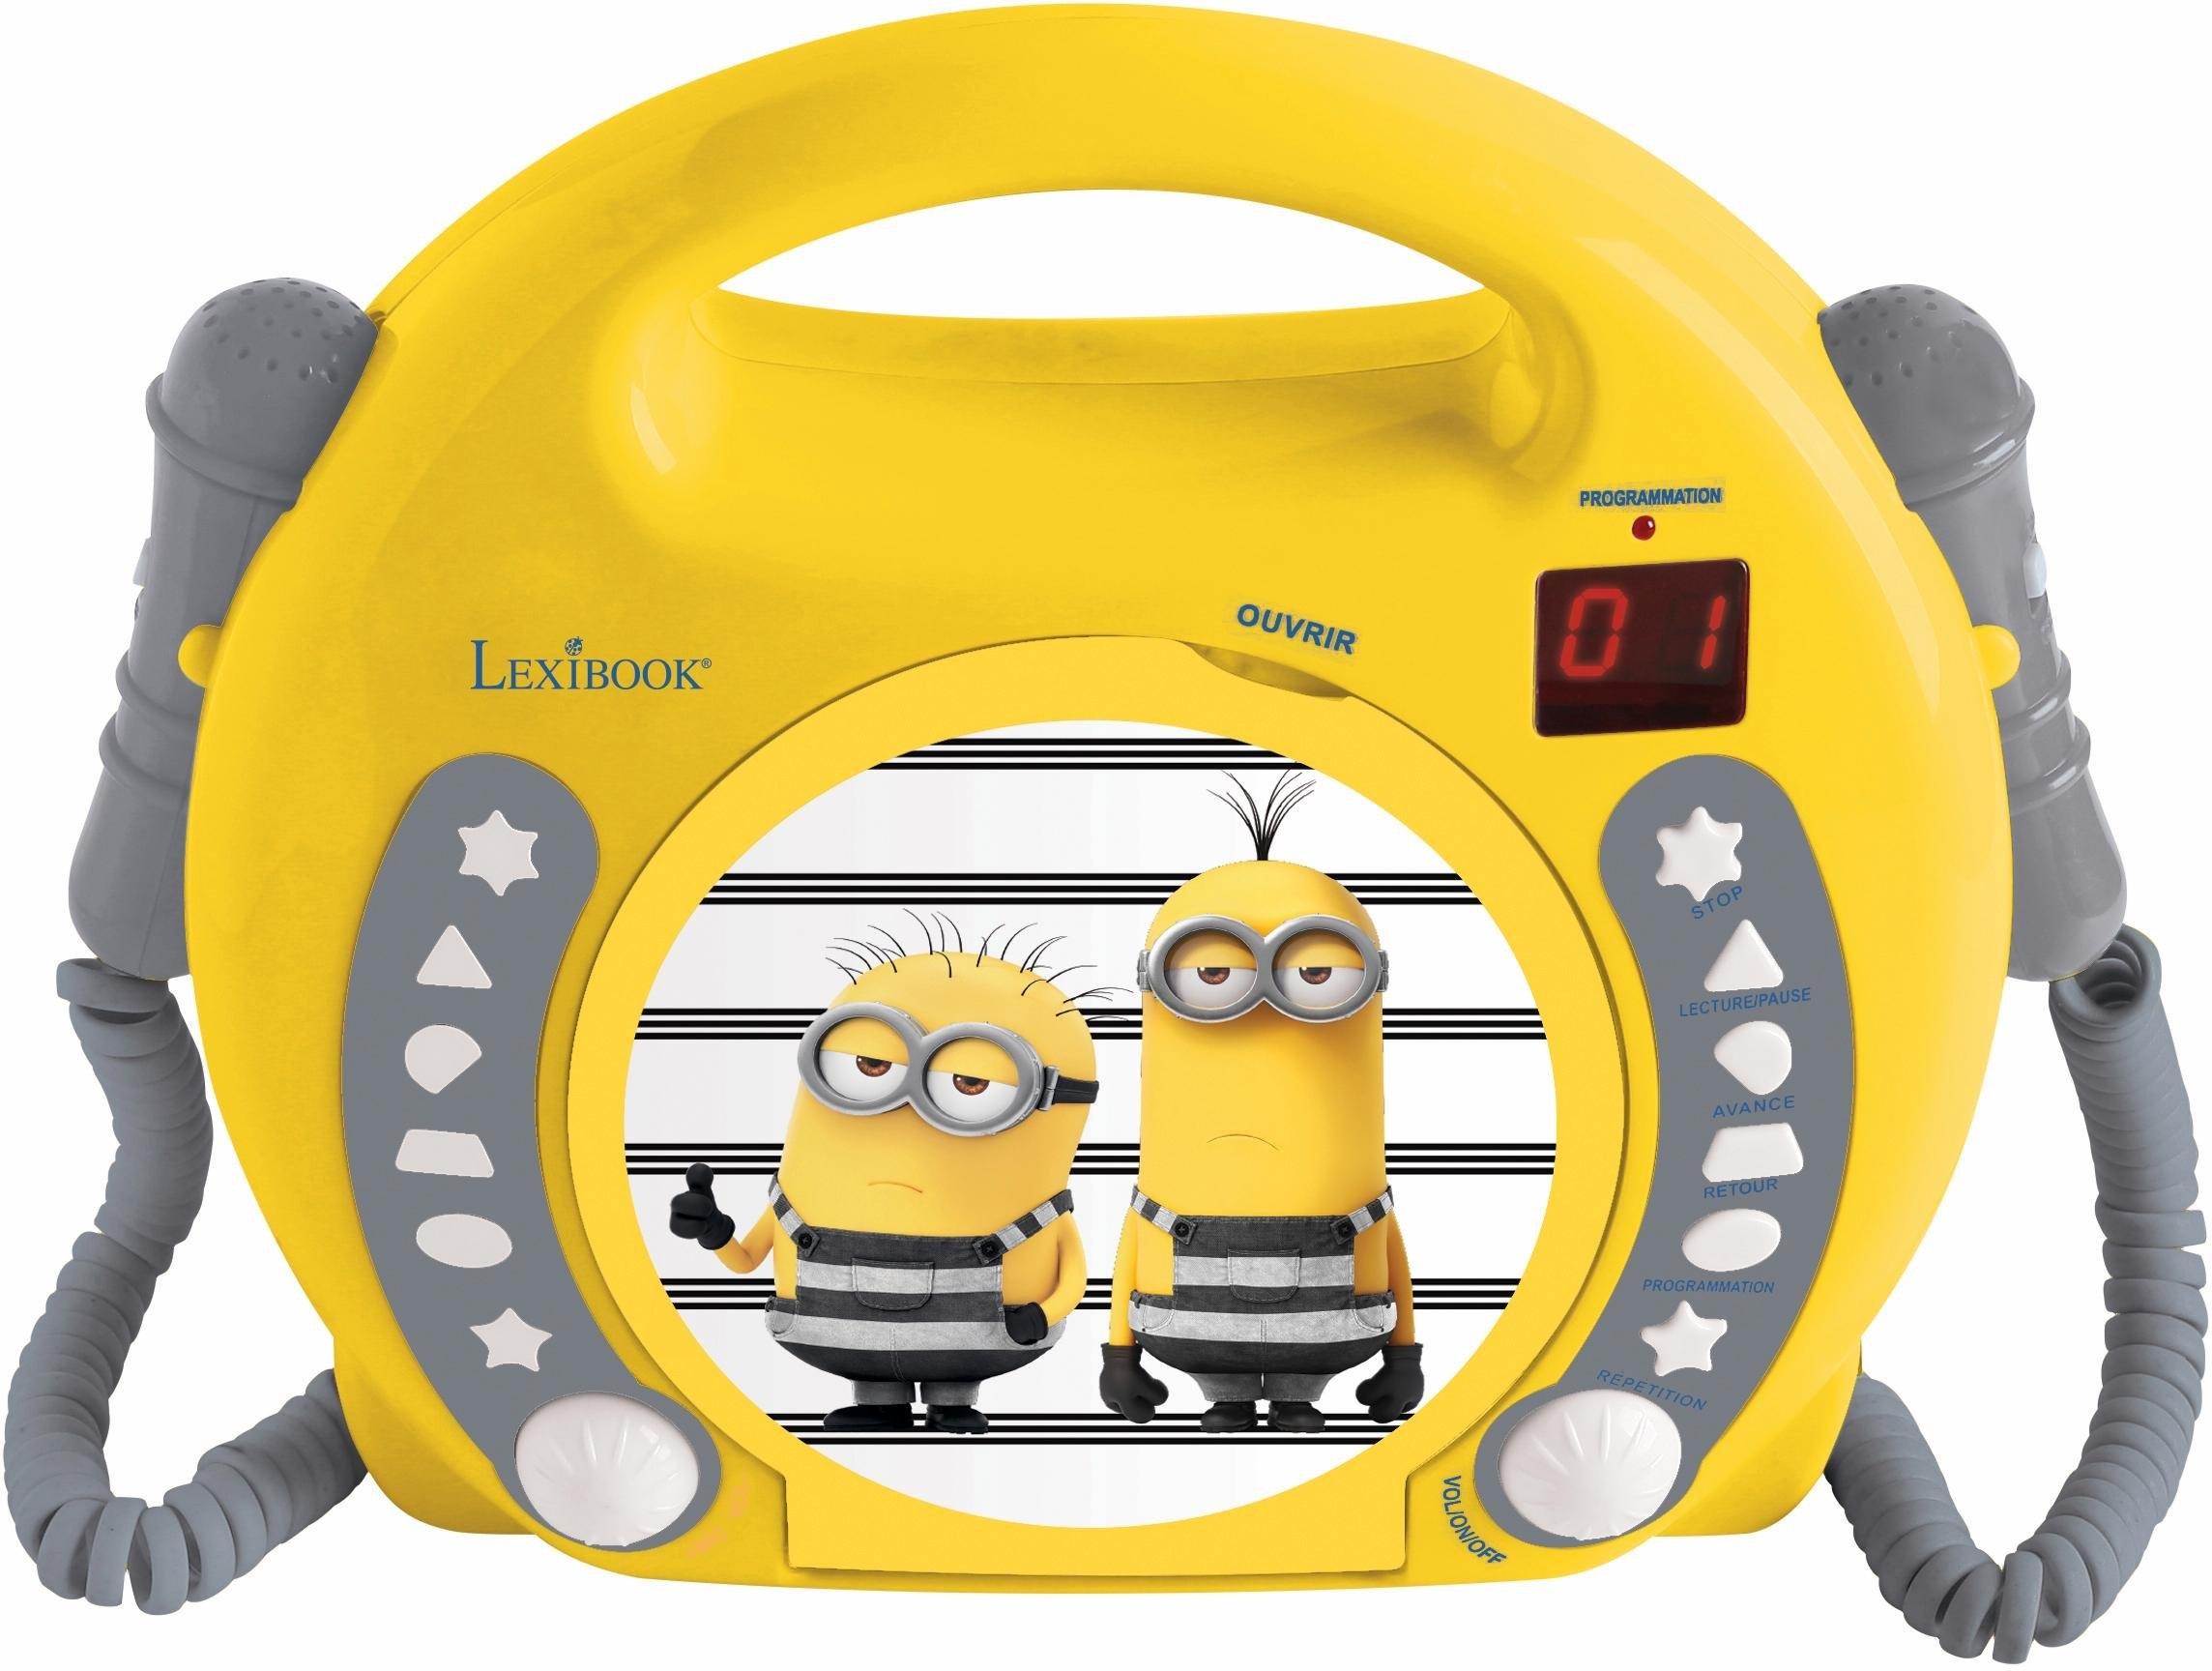 Lexibook cd-speler met 2 microfoons, »Minions« bestellen: 14 dagen bedenktijd